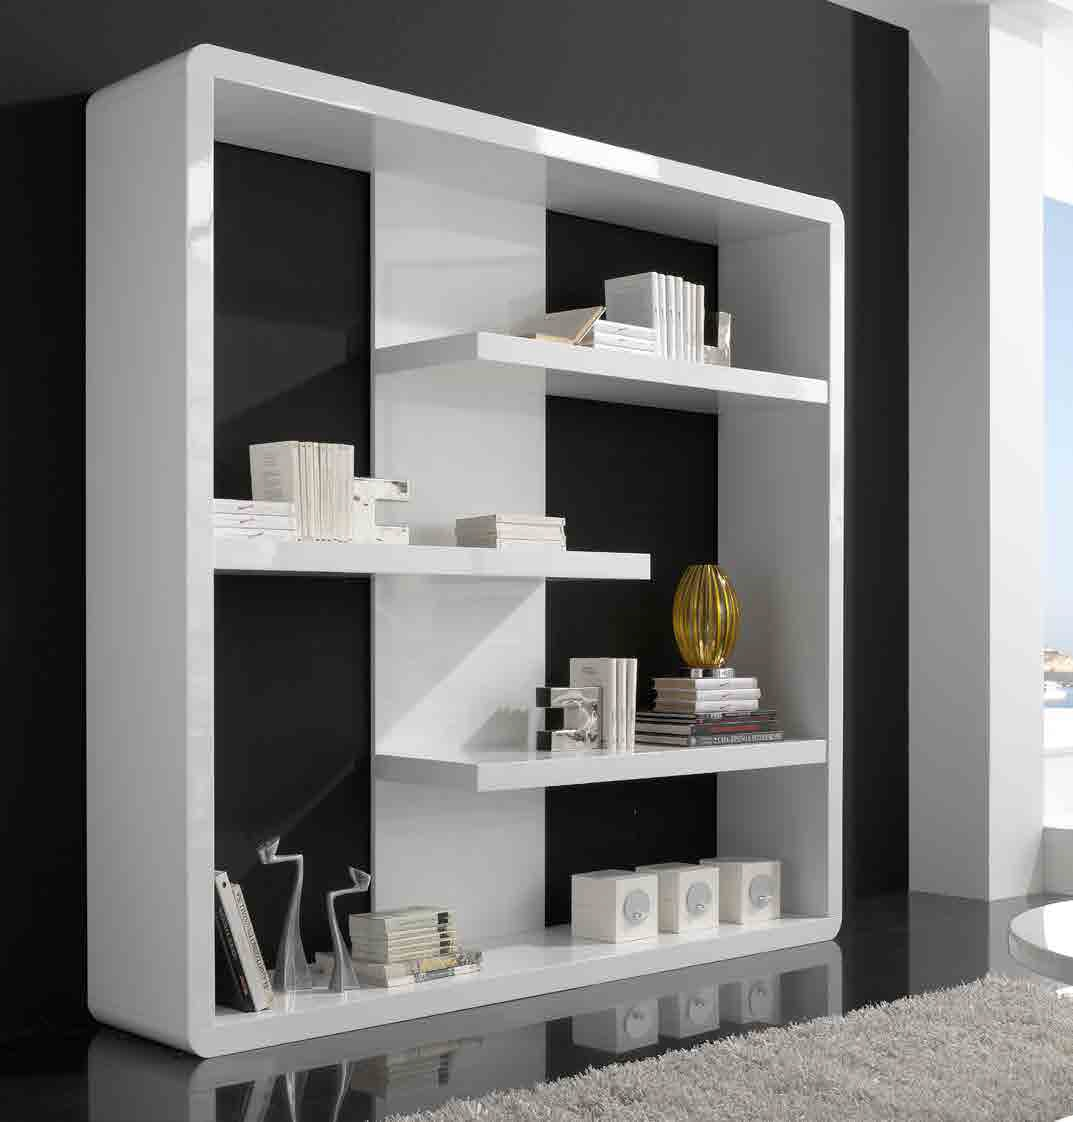 Promociones muebles xikara - Estanteria blanca lacada ...